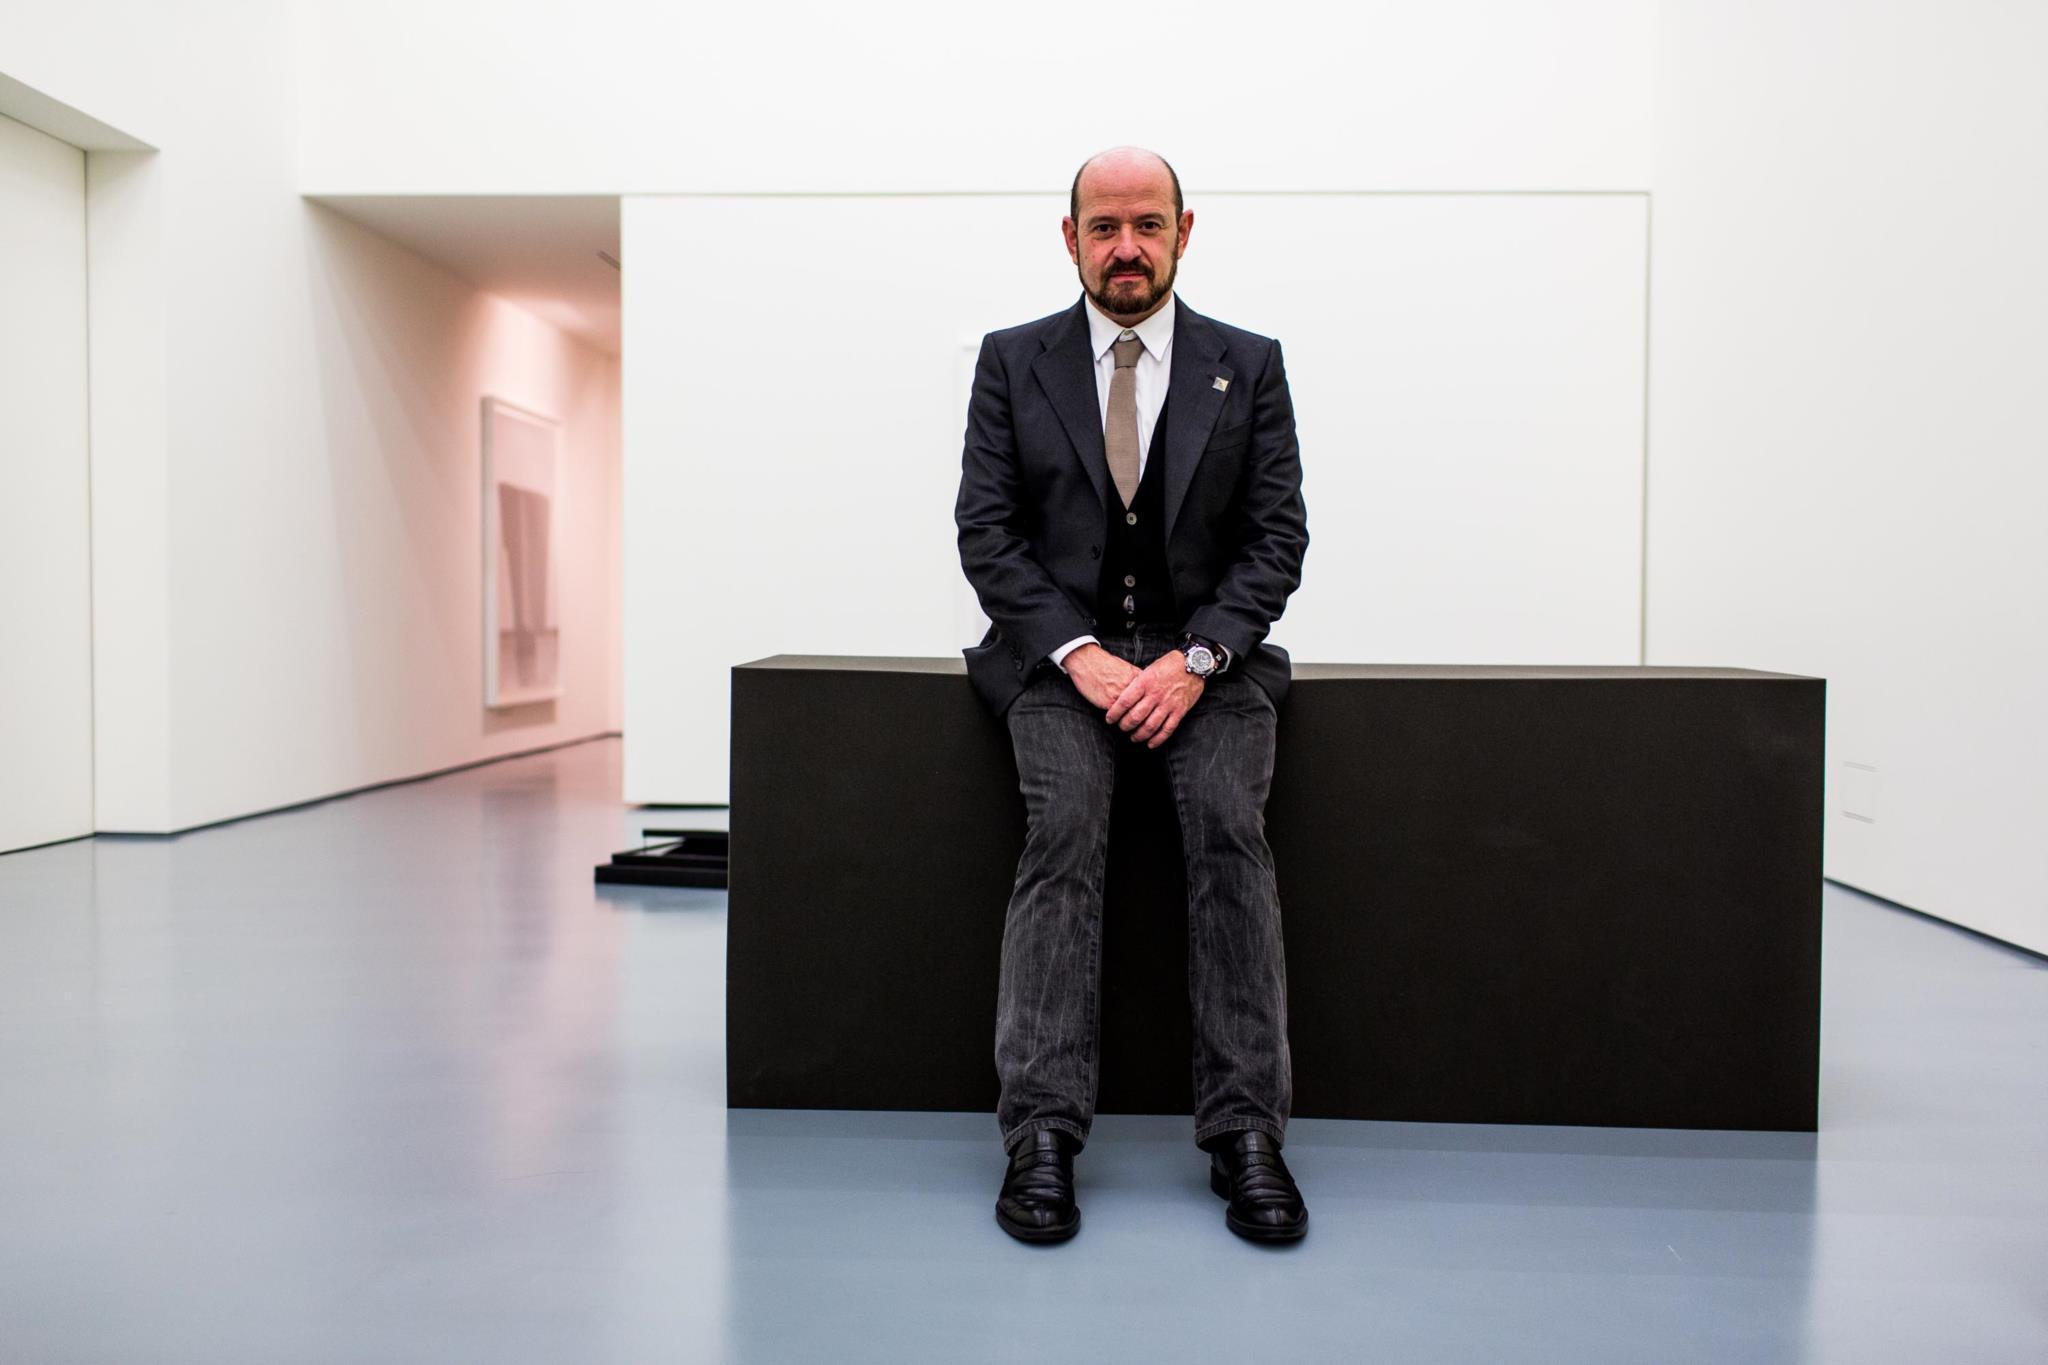 PÚBLICO - Arco Lisboa quer vender a Serralves, Gulbenkian e Berardo